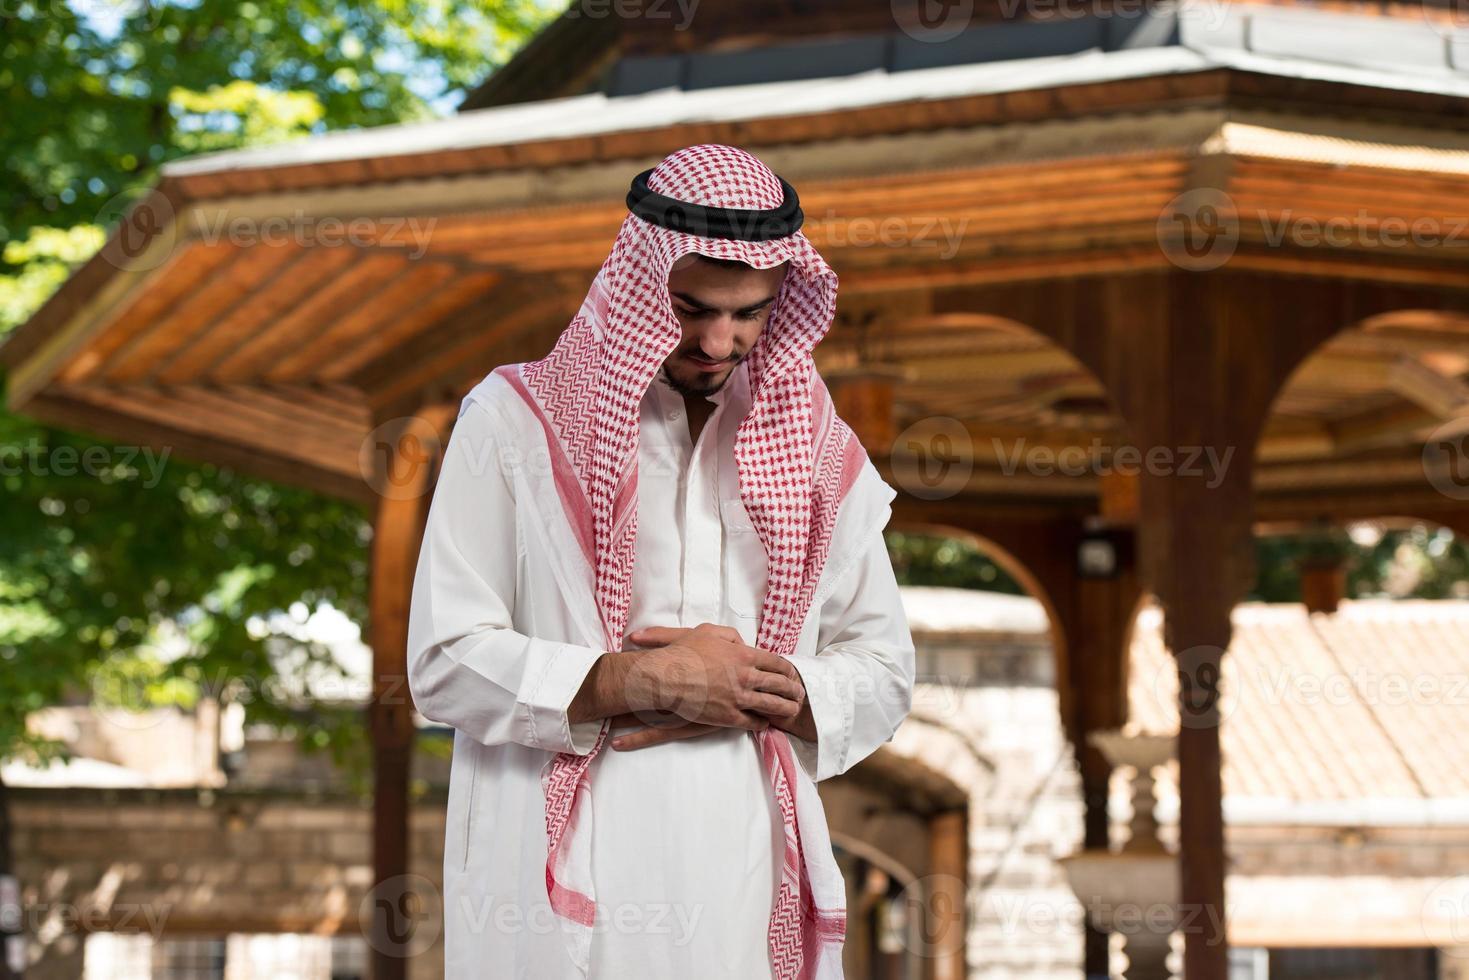 demütiges muslimisches Gebet foto